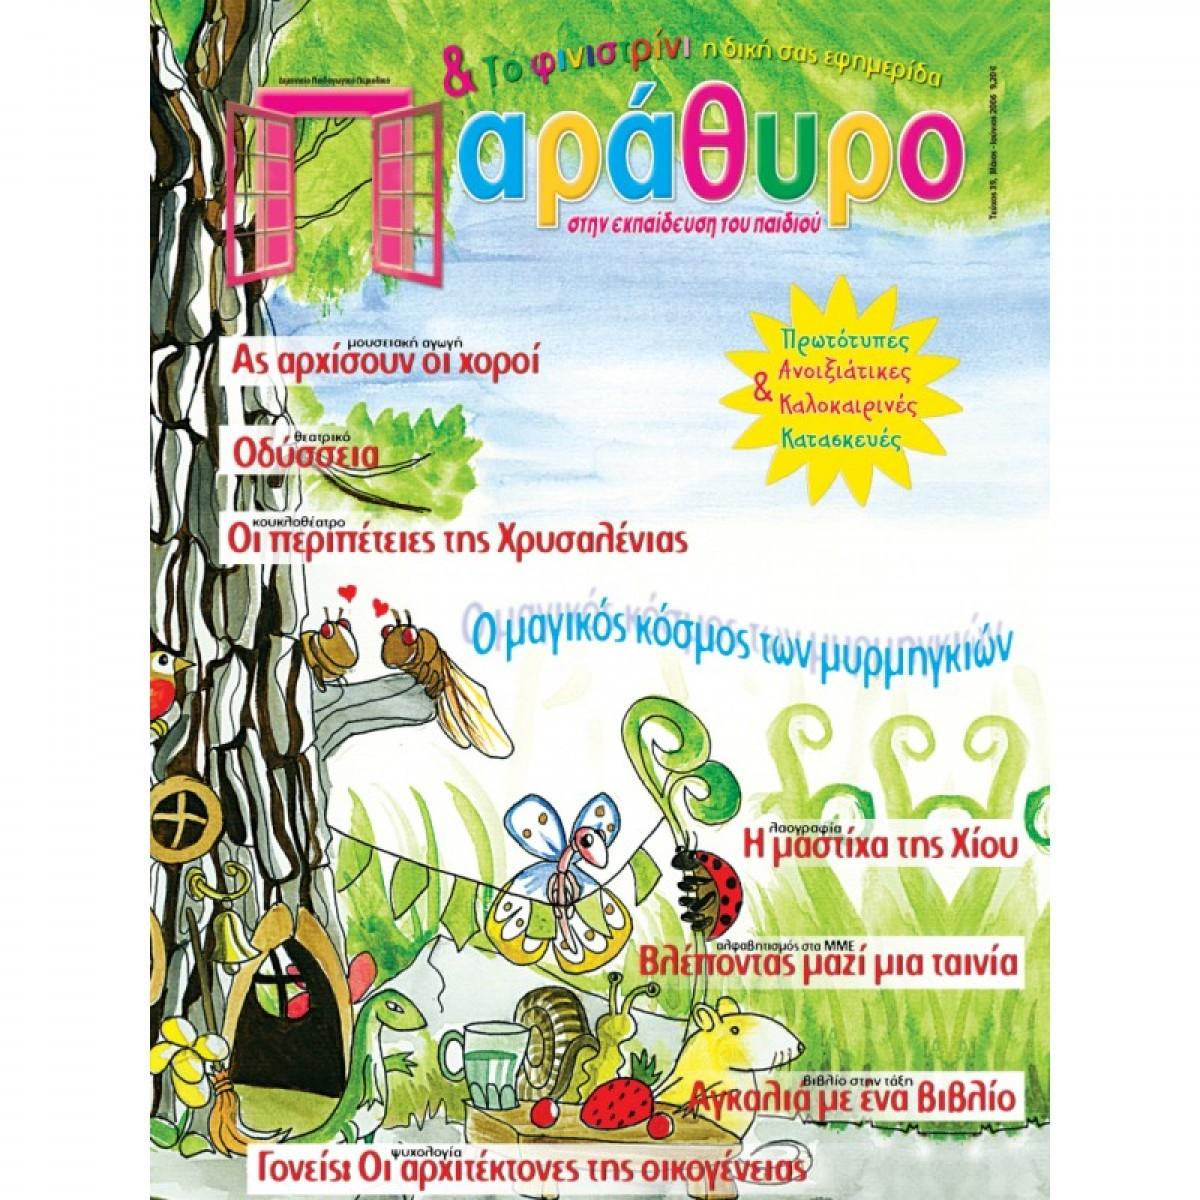 ΠΑΡΑΘΥΡΟ ΤΕΥΧΟΣ 39 Περιοδικό Παράθυρο